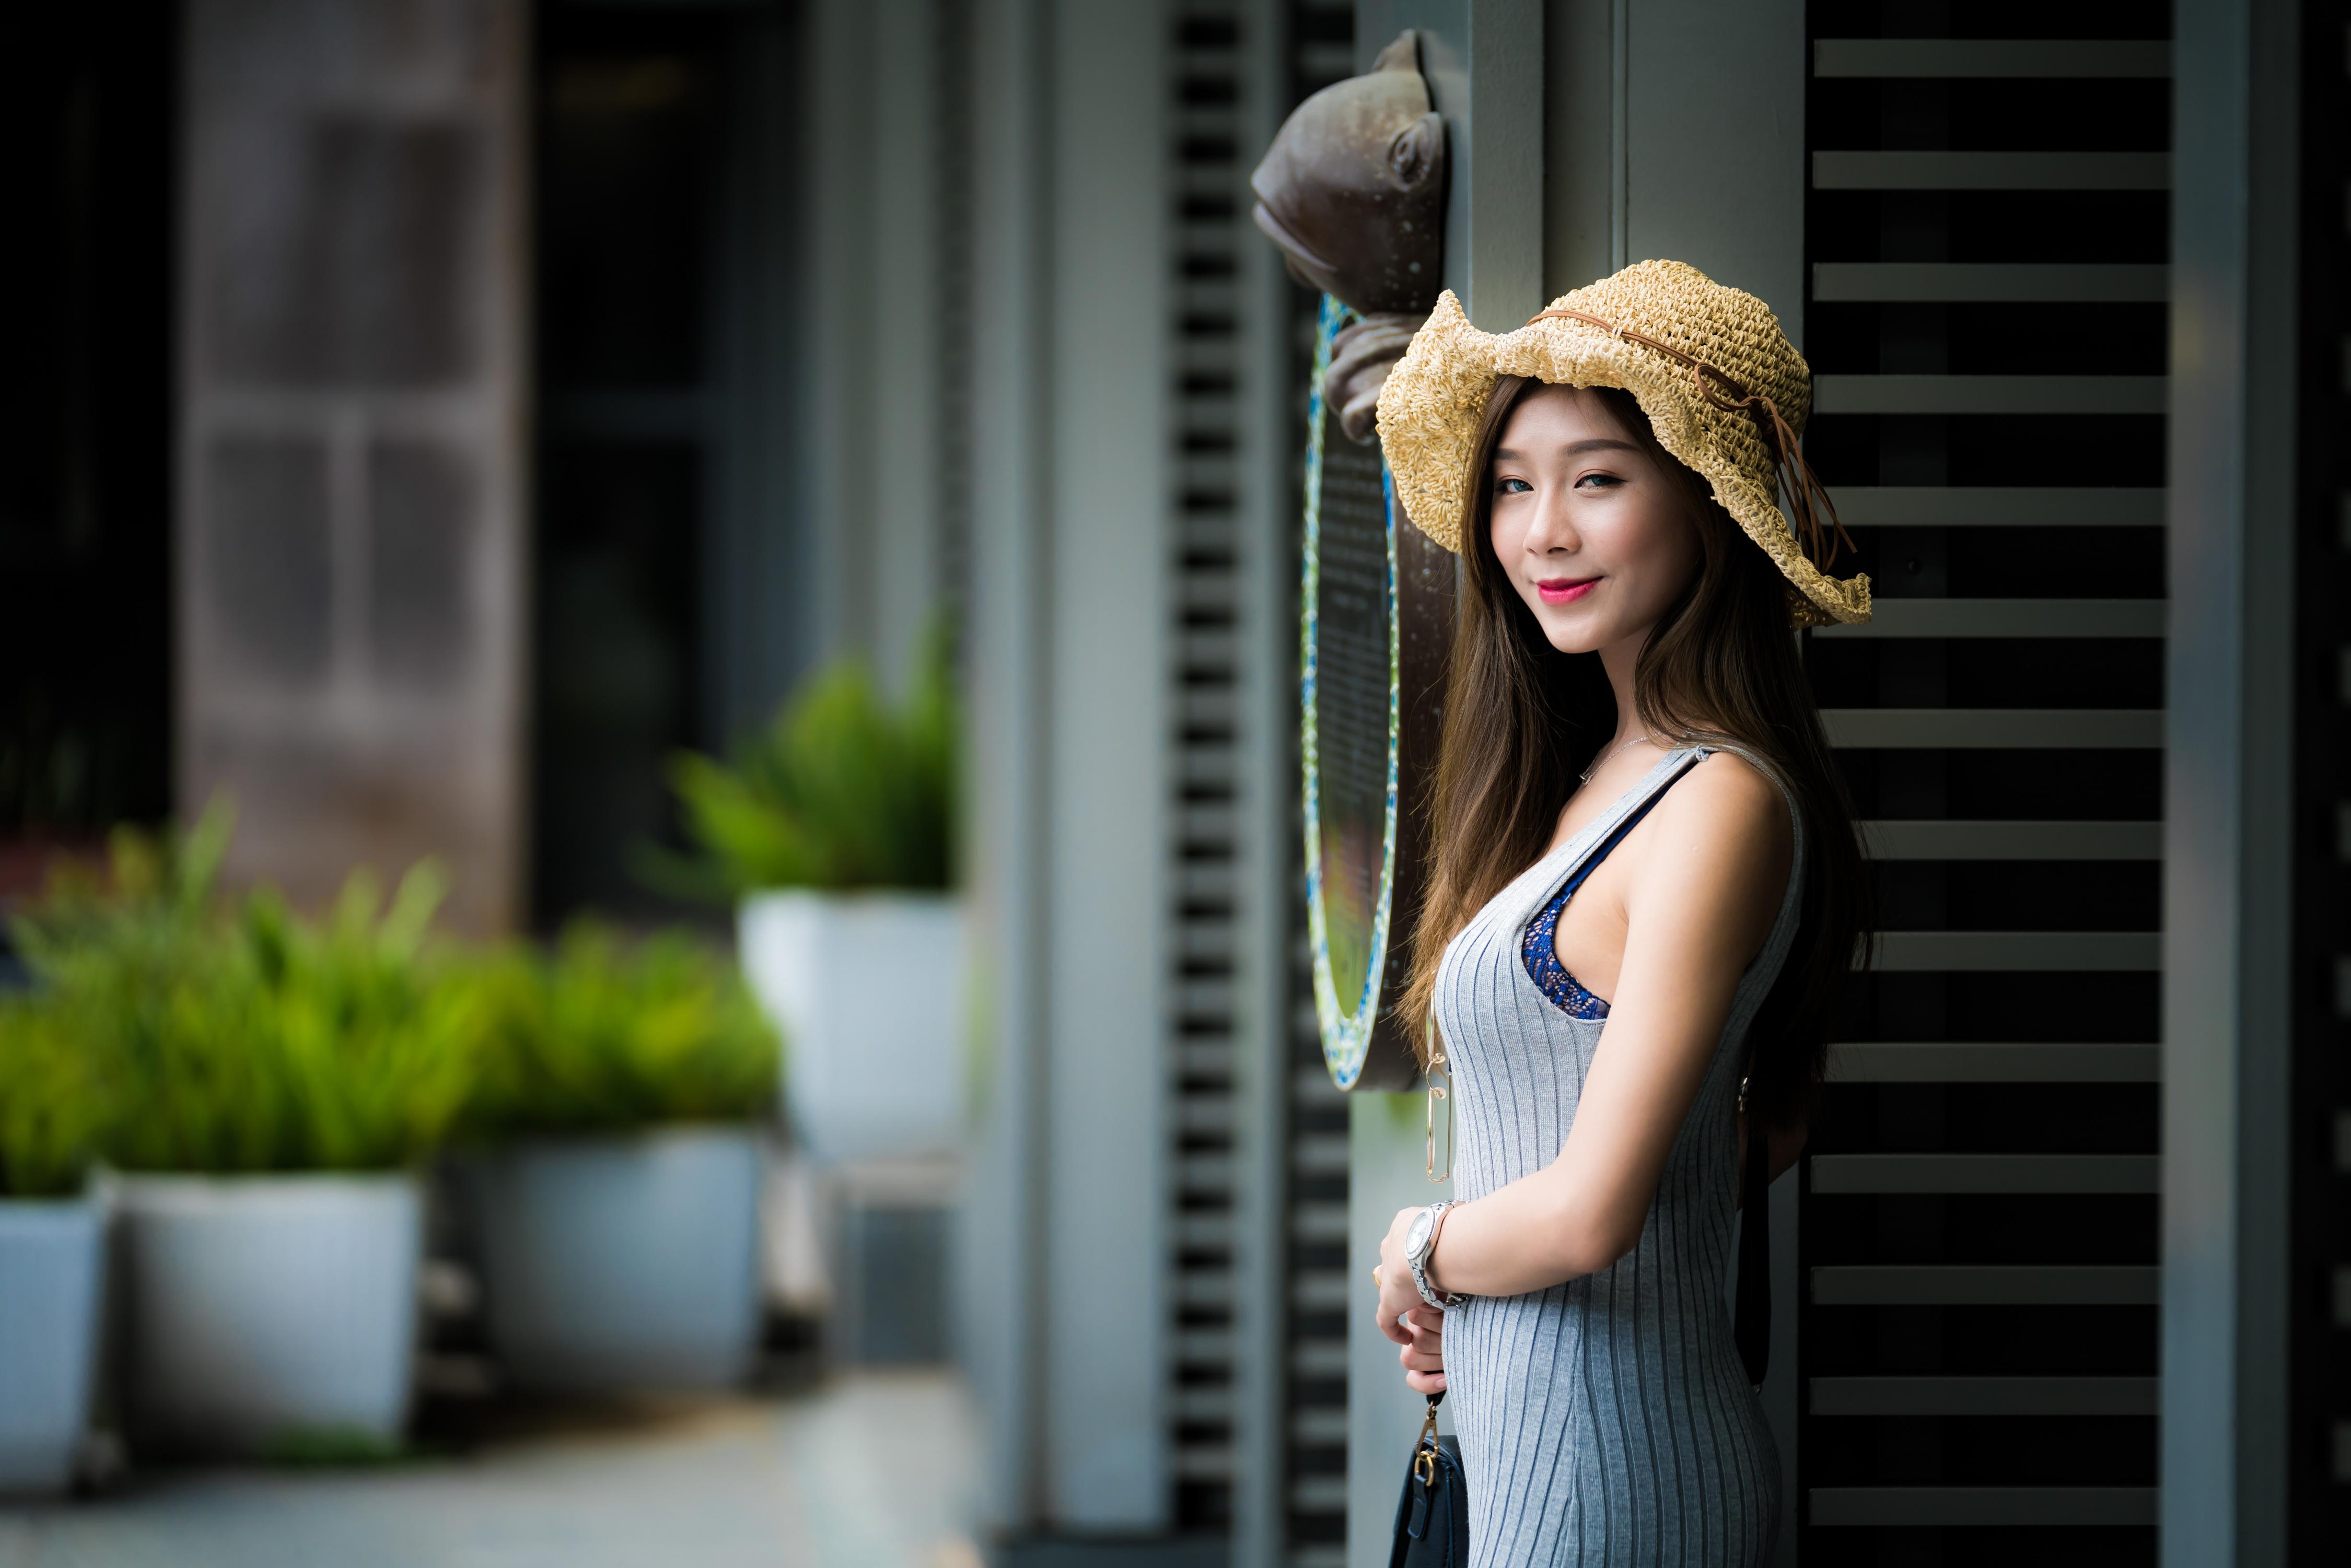 Tapety na pulpit Uśmiech rozmazane tło Kapelusz Dziewczyny Azjaci Ręce Bokeh dziewczyna młoda kobieta młode kobiety azjatycka